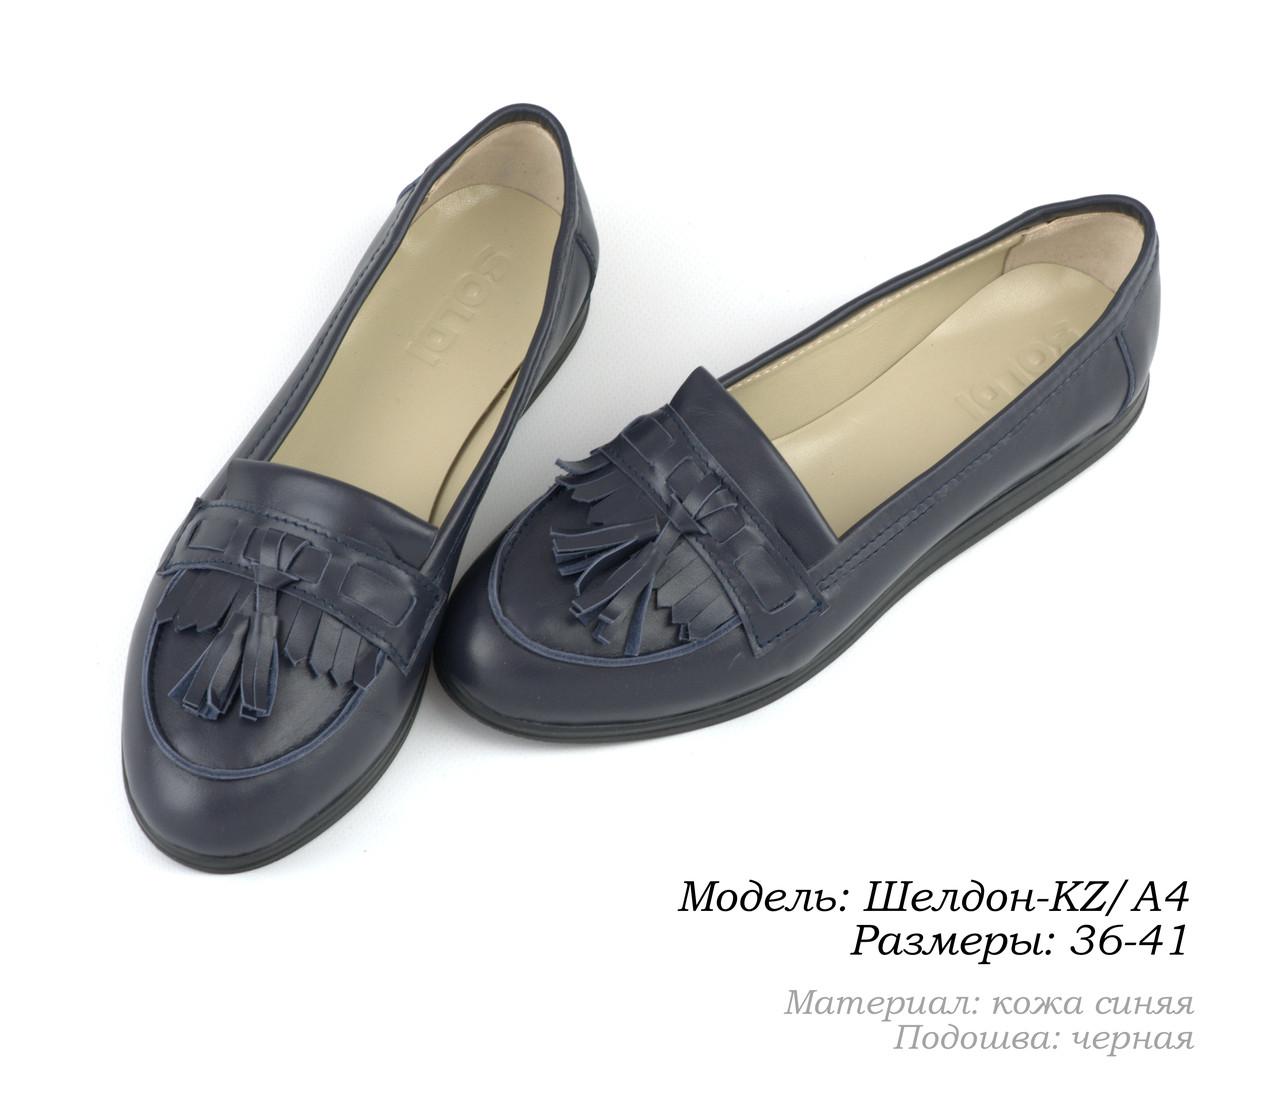 Женская обувь от производителя.